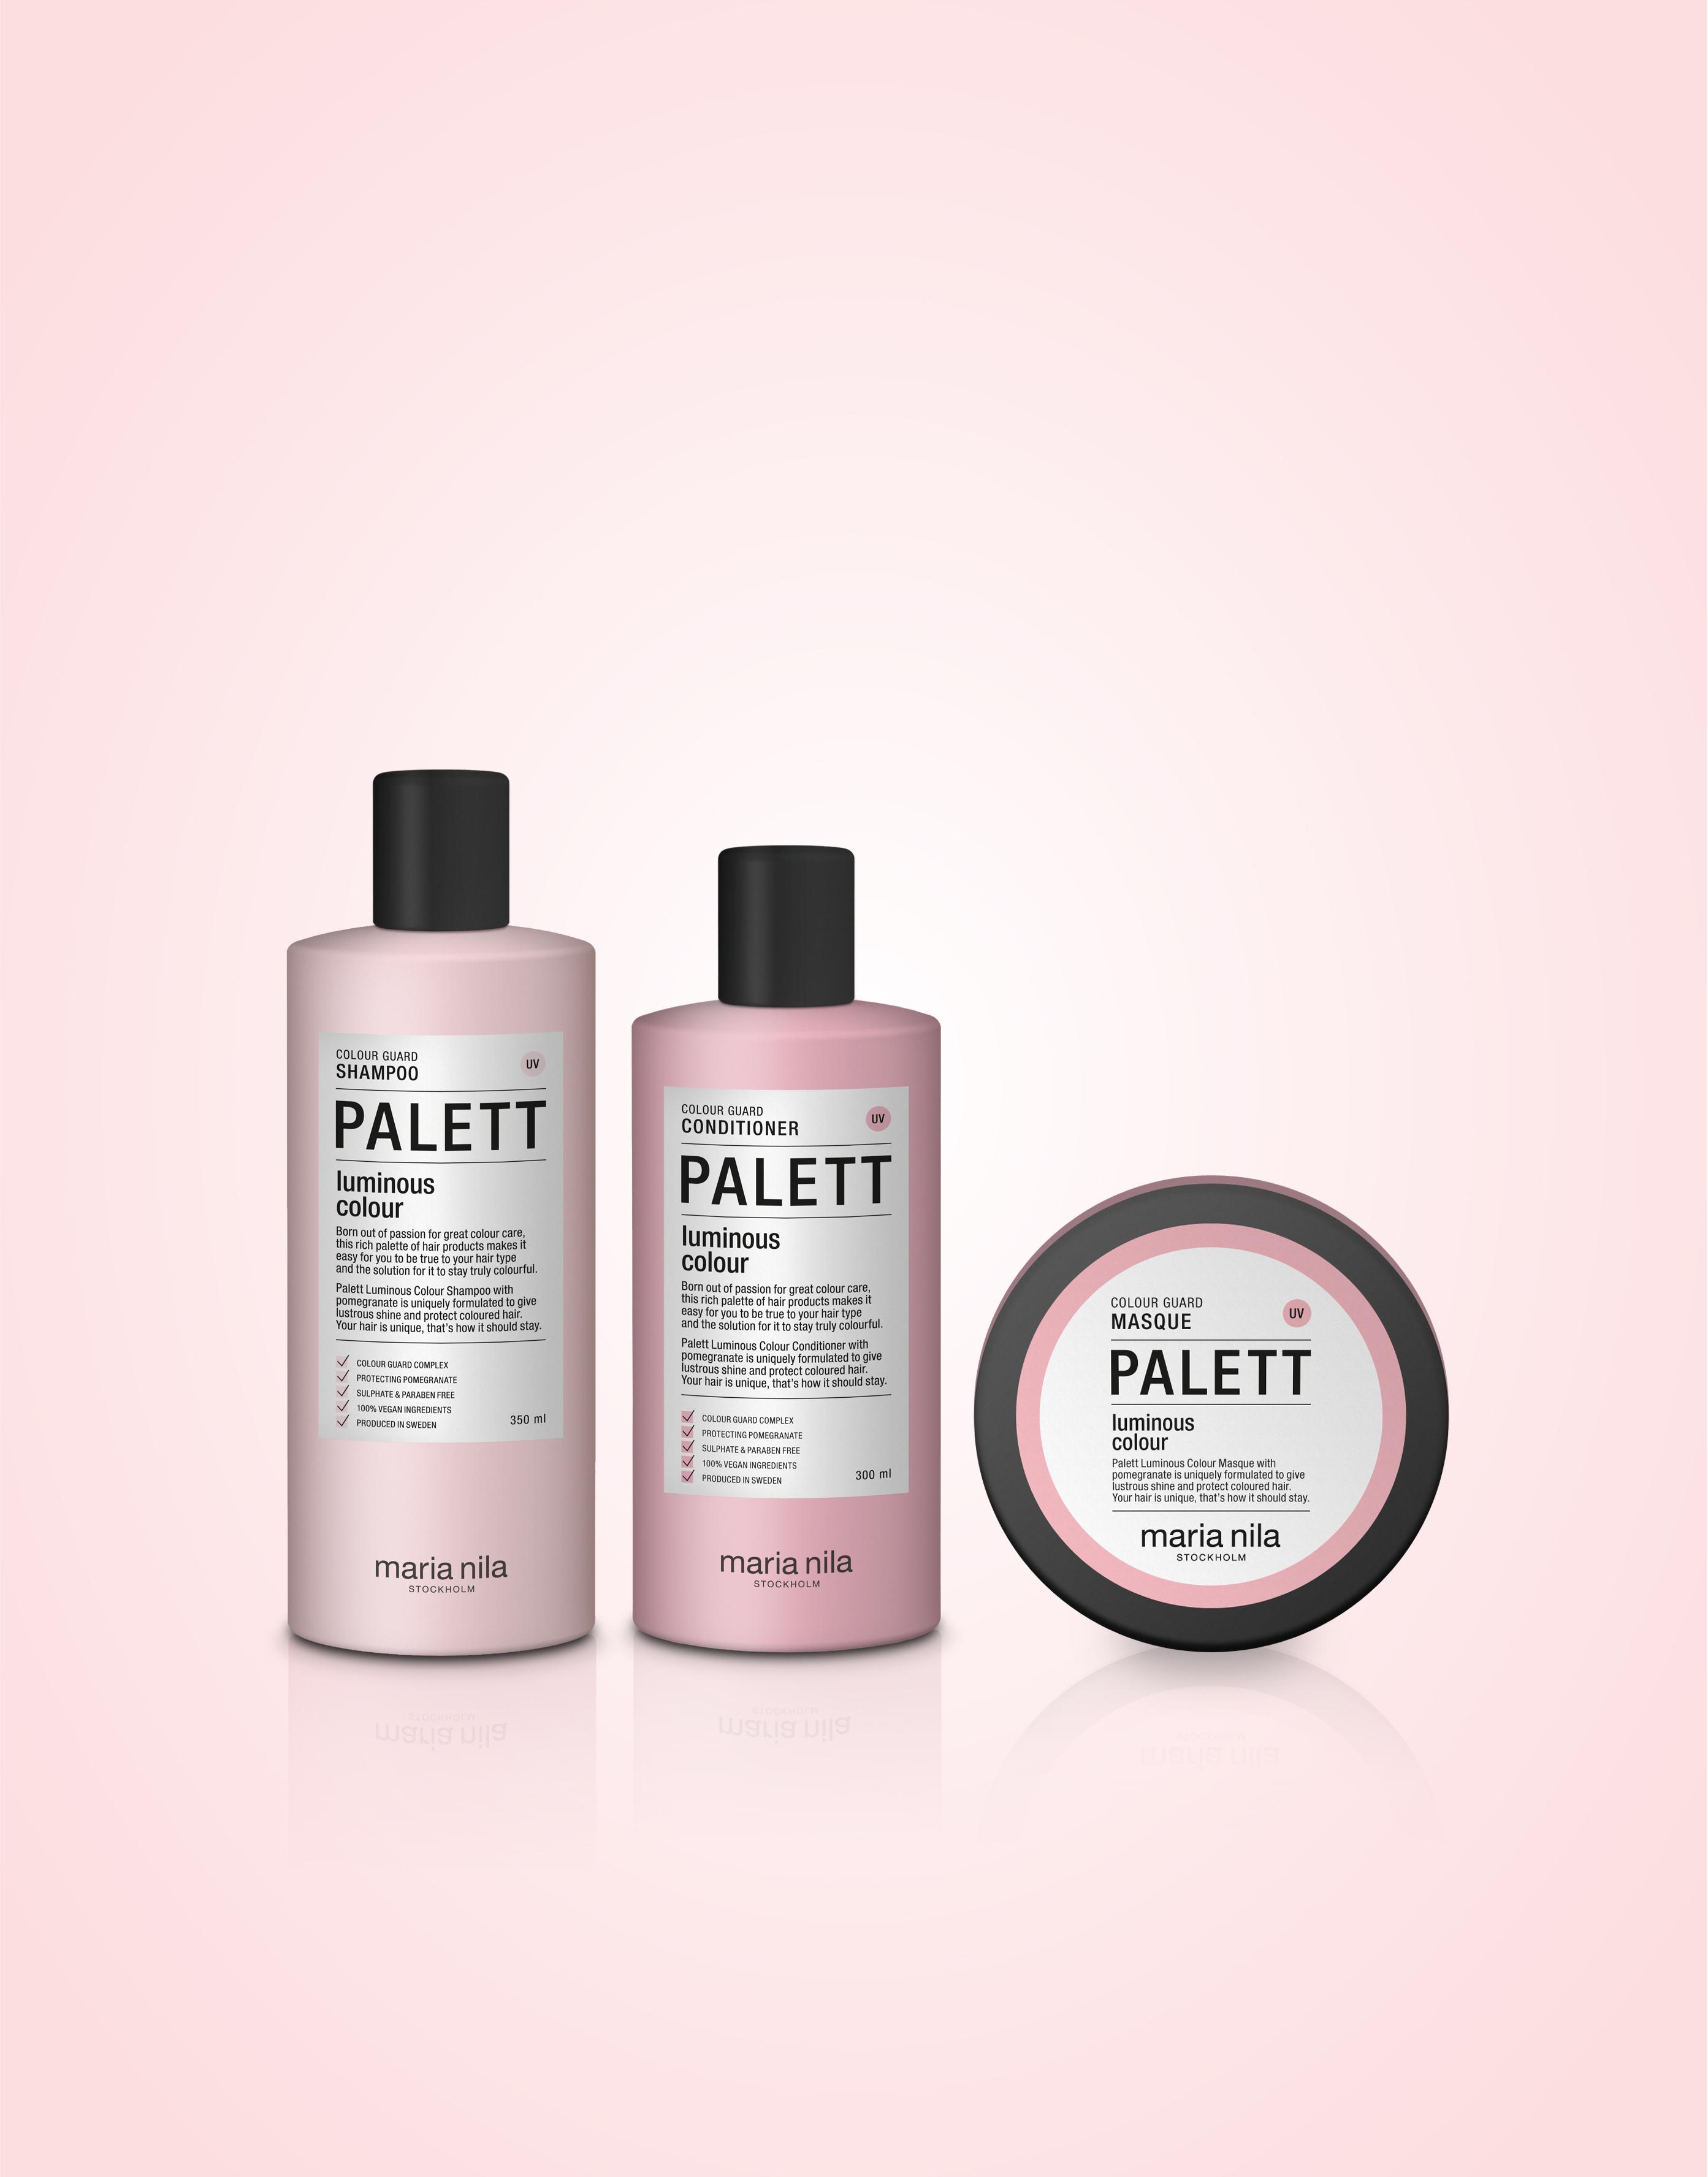 Svenska Maria Nila satsar på sulfat- och parabenfritt i sin nya schamposerie Palett